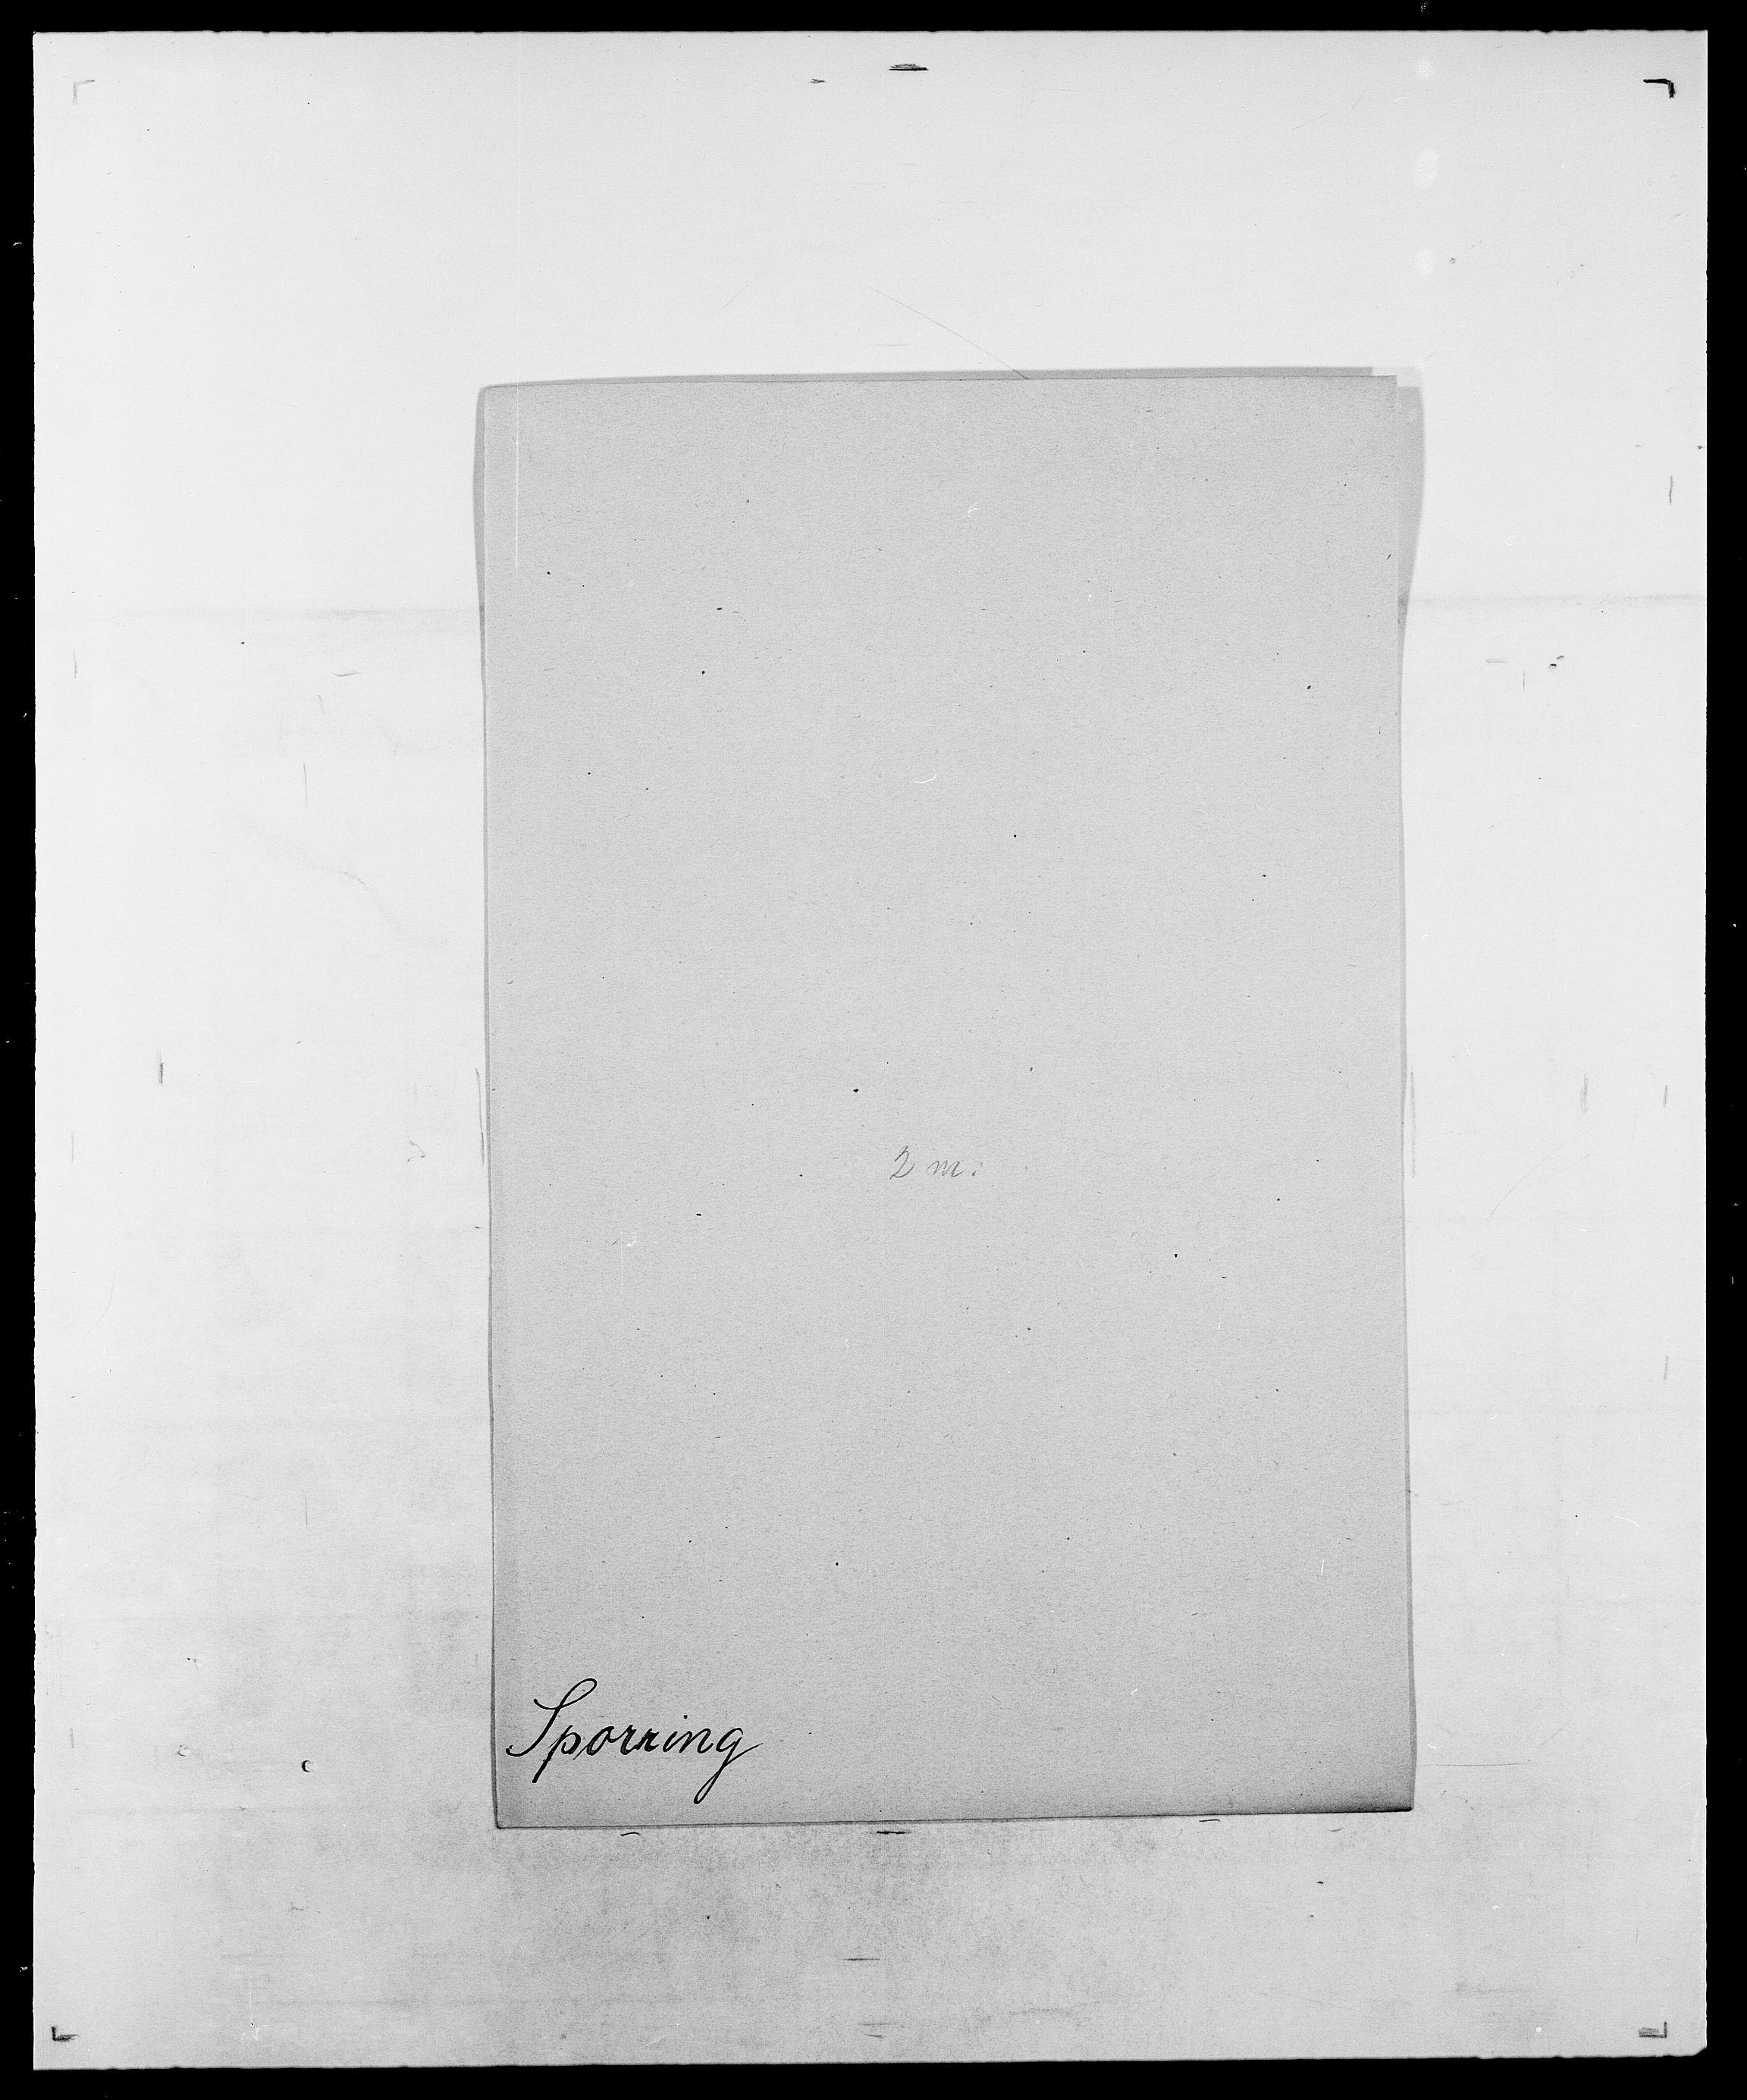 SAO, Delgobe, Charles Antoine - samling, D/Da/L0036: Skaanør - Staverskov, s. 582